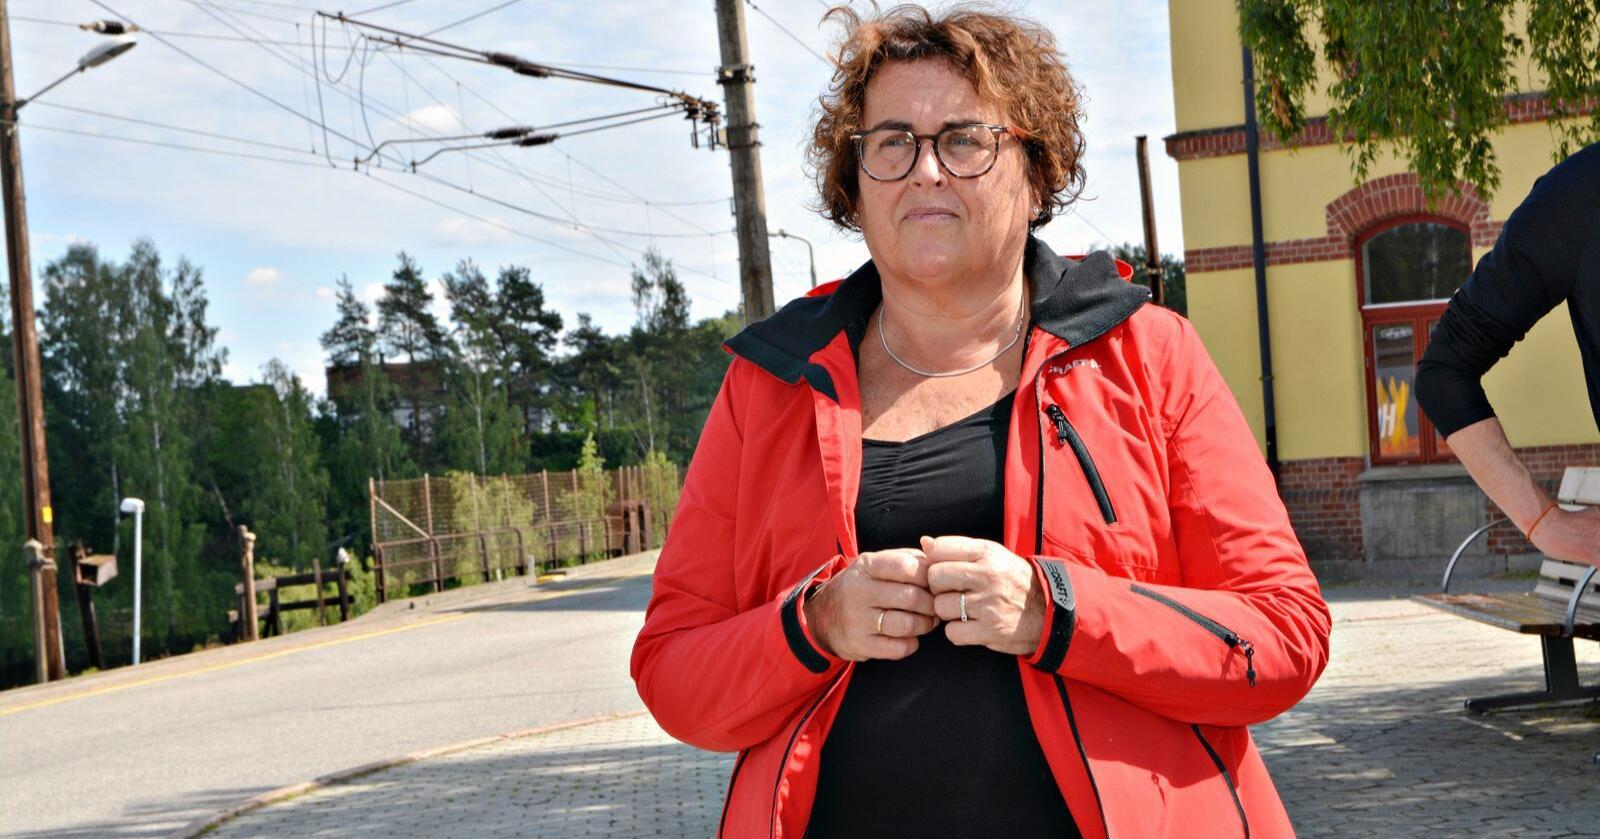 Landbruksminister Olaug Bollestad sier hun ser at bøndene har kommet i en veldig ødeleggende situasjon, men vil ikke love noen hjelp. (Foto: Anders Sandbu)